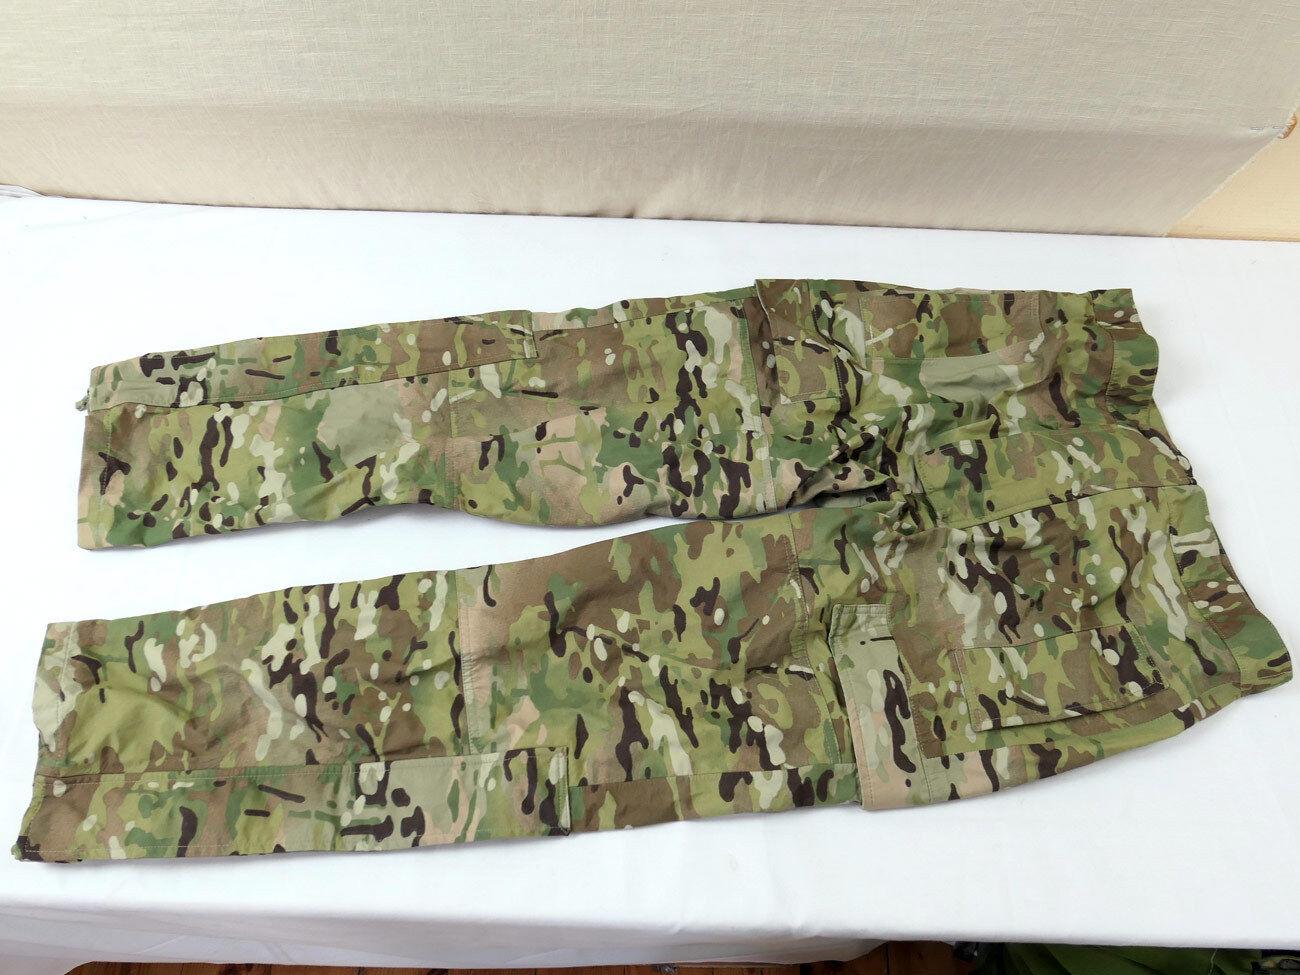 881 Gr. S Dänemark Gore-Tex TRILAMINAT Trousers Multicam Regen Hose MTP 2013